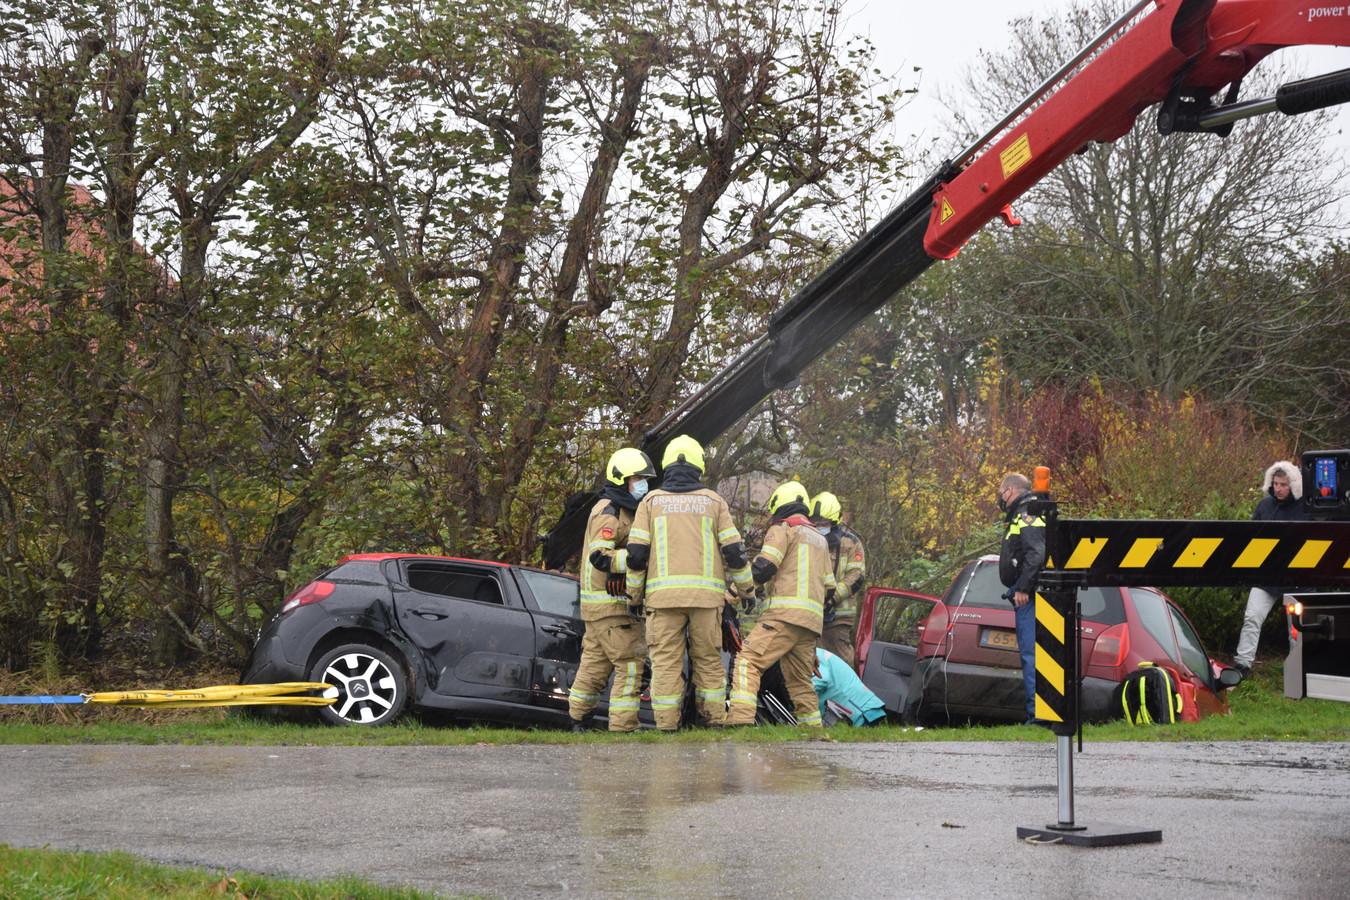 De brandweer moest met zwaar materieel een van de slachtoffers uit het autowrak bevrijden.